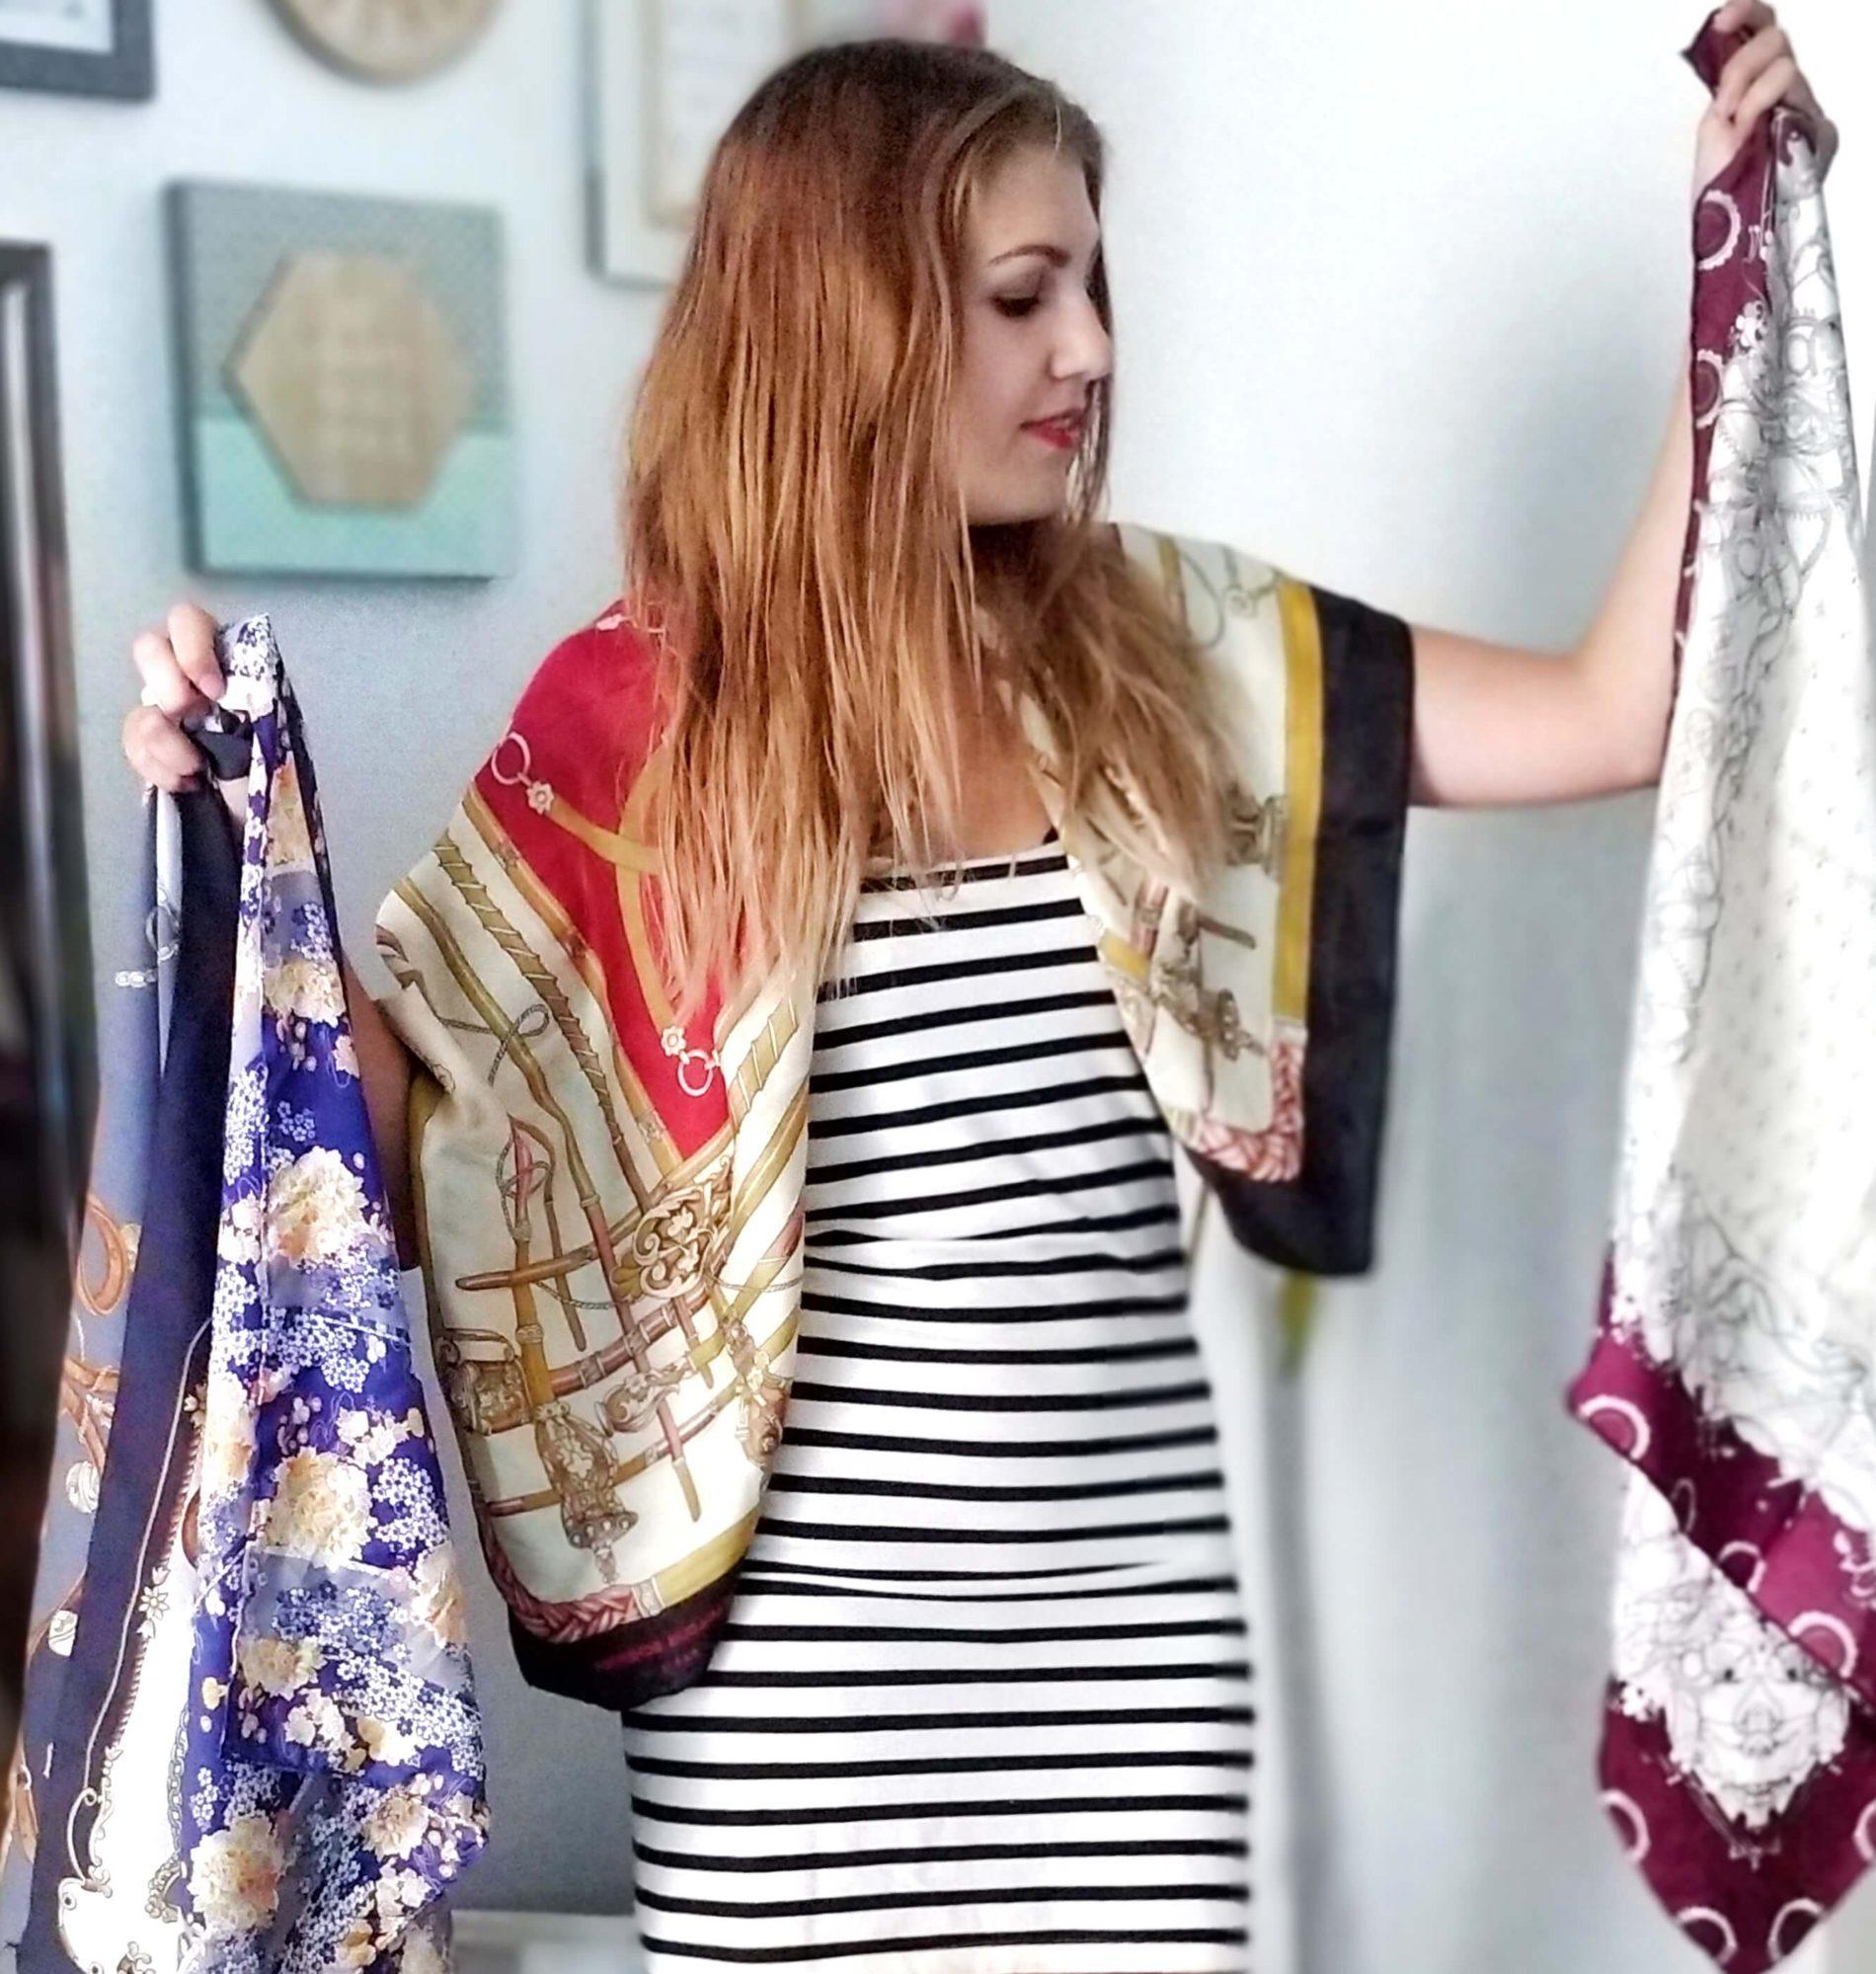 comment porter foulard carré de soie tutoriel 1900x1999 - Que faire avec un carré de soie ?